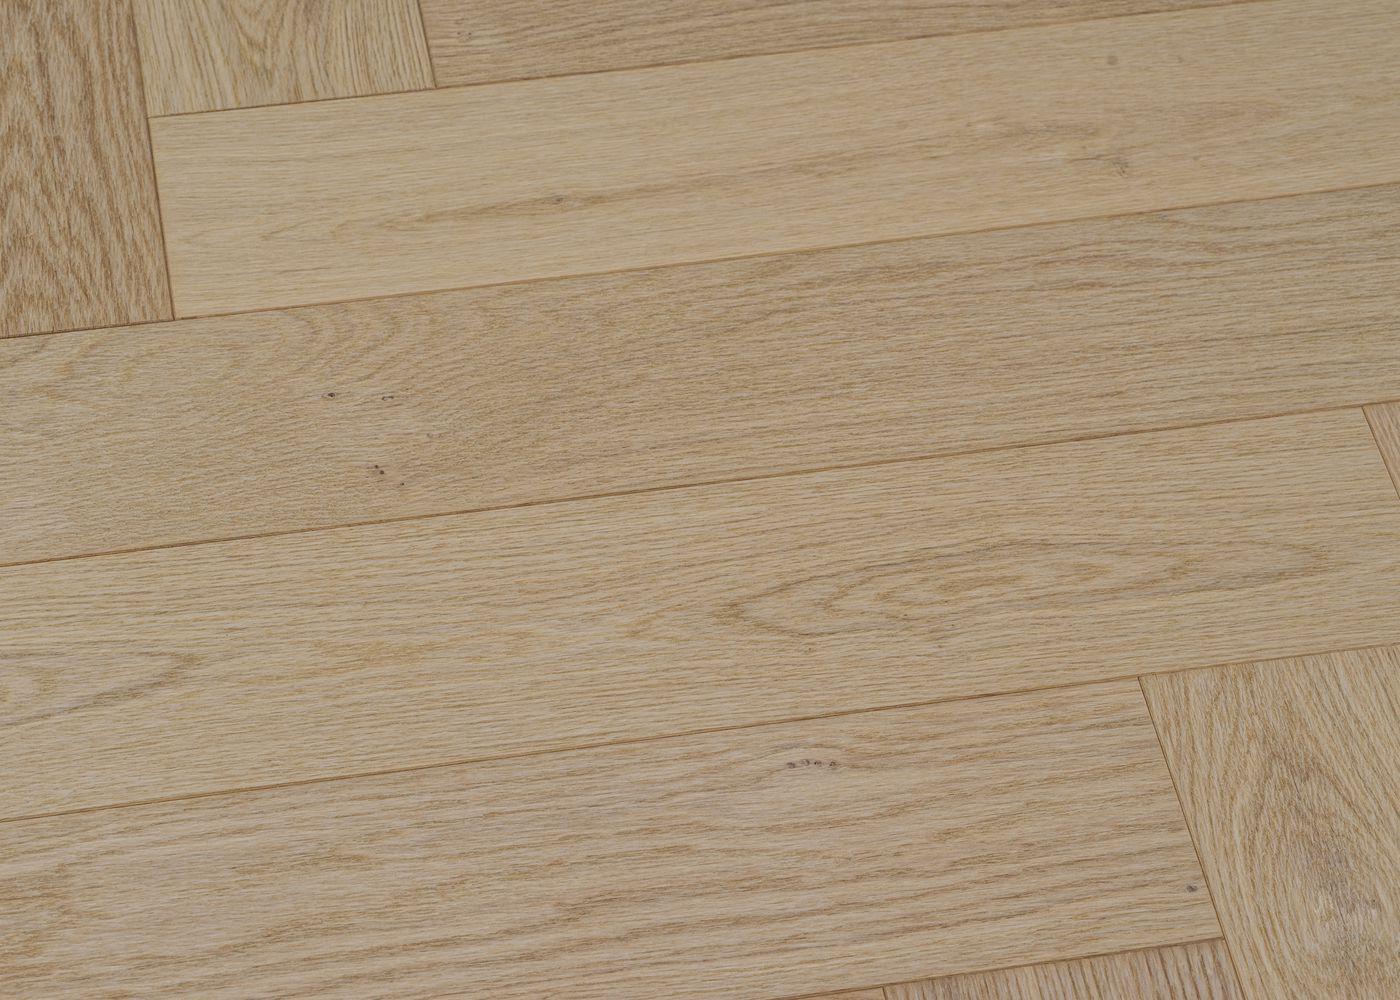 Parquet chêne contrecollé PALERME Bâton Rompu brossé huile UV Select support HDF 10x92x610